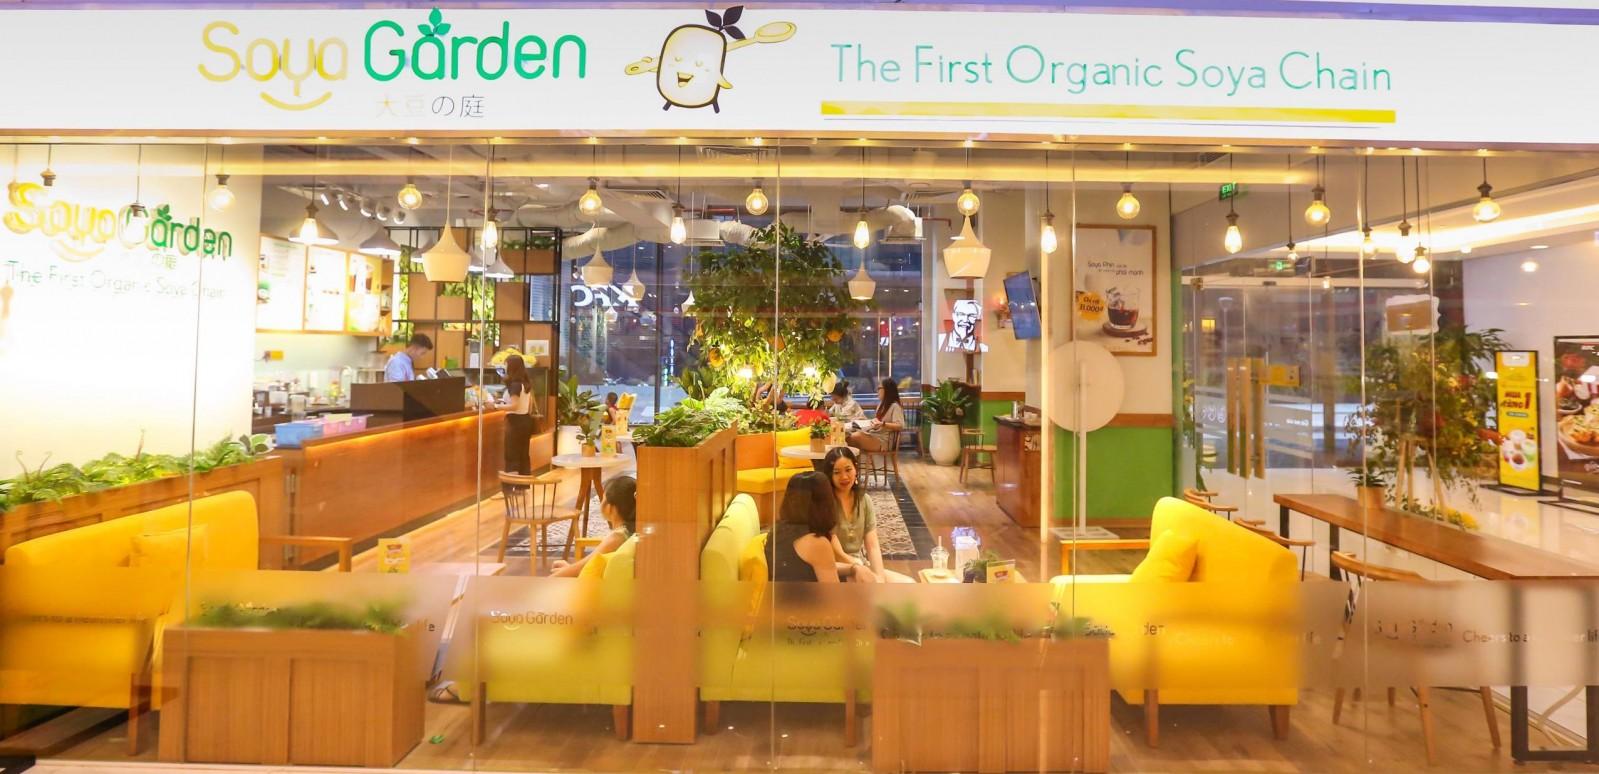 Hay Soya Garden… là nơi lũ trẻ nhà tôi hay ngồi buôn chuyện với bạn bè